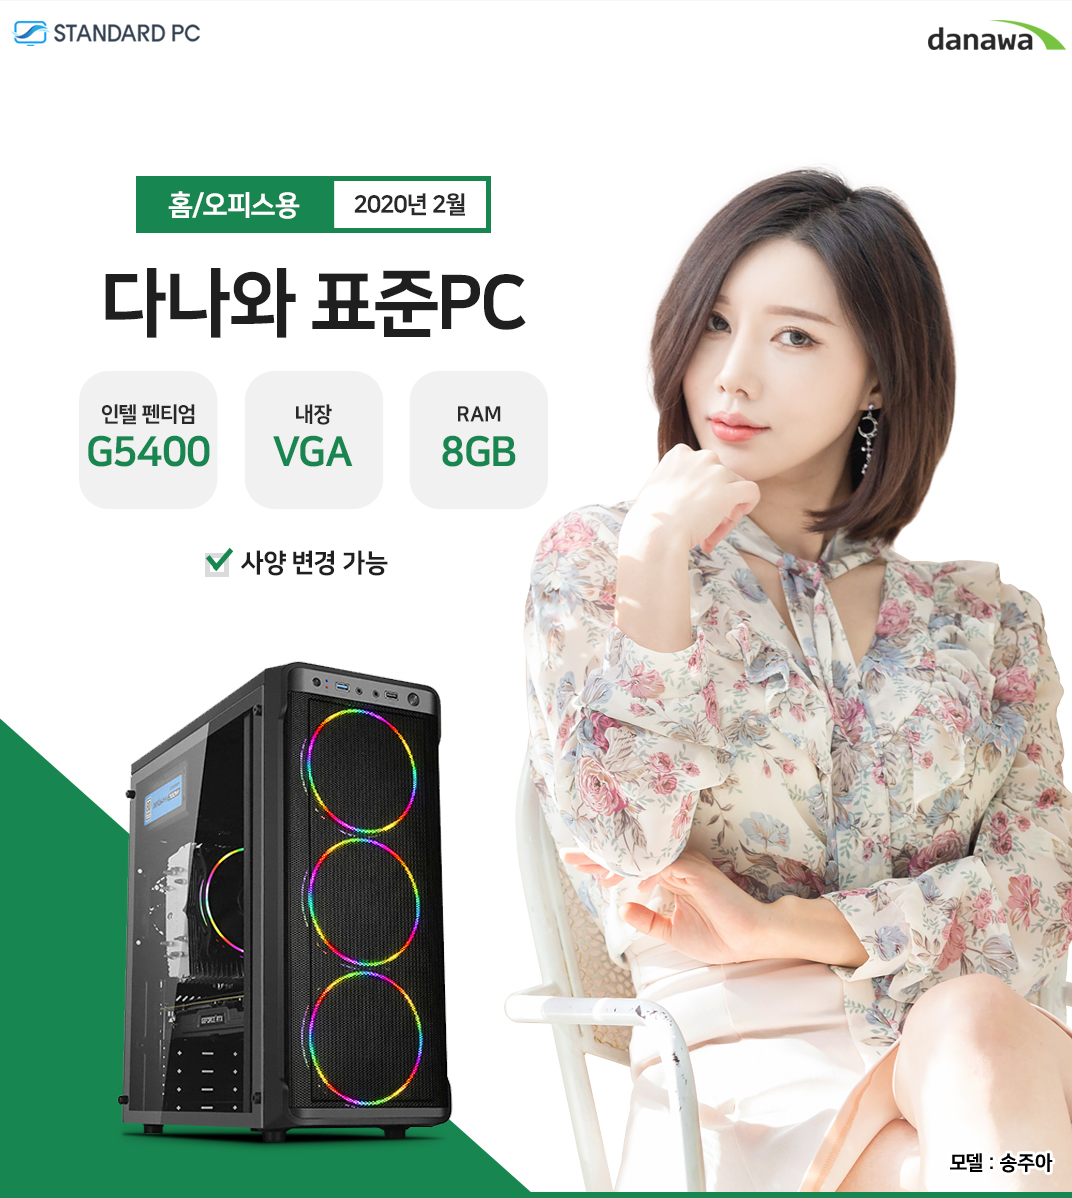 2020년 02월 다나와 표준PC 홈/오피스용 인텔 팬티엄 G5400 내장 VGA RAM 8G 모델 송주아